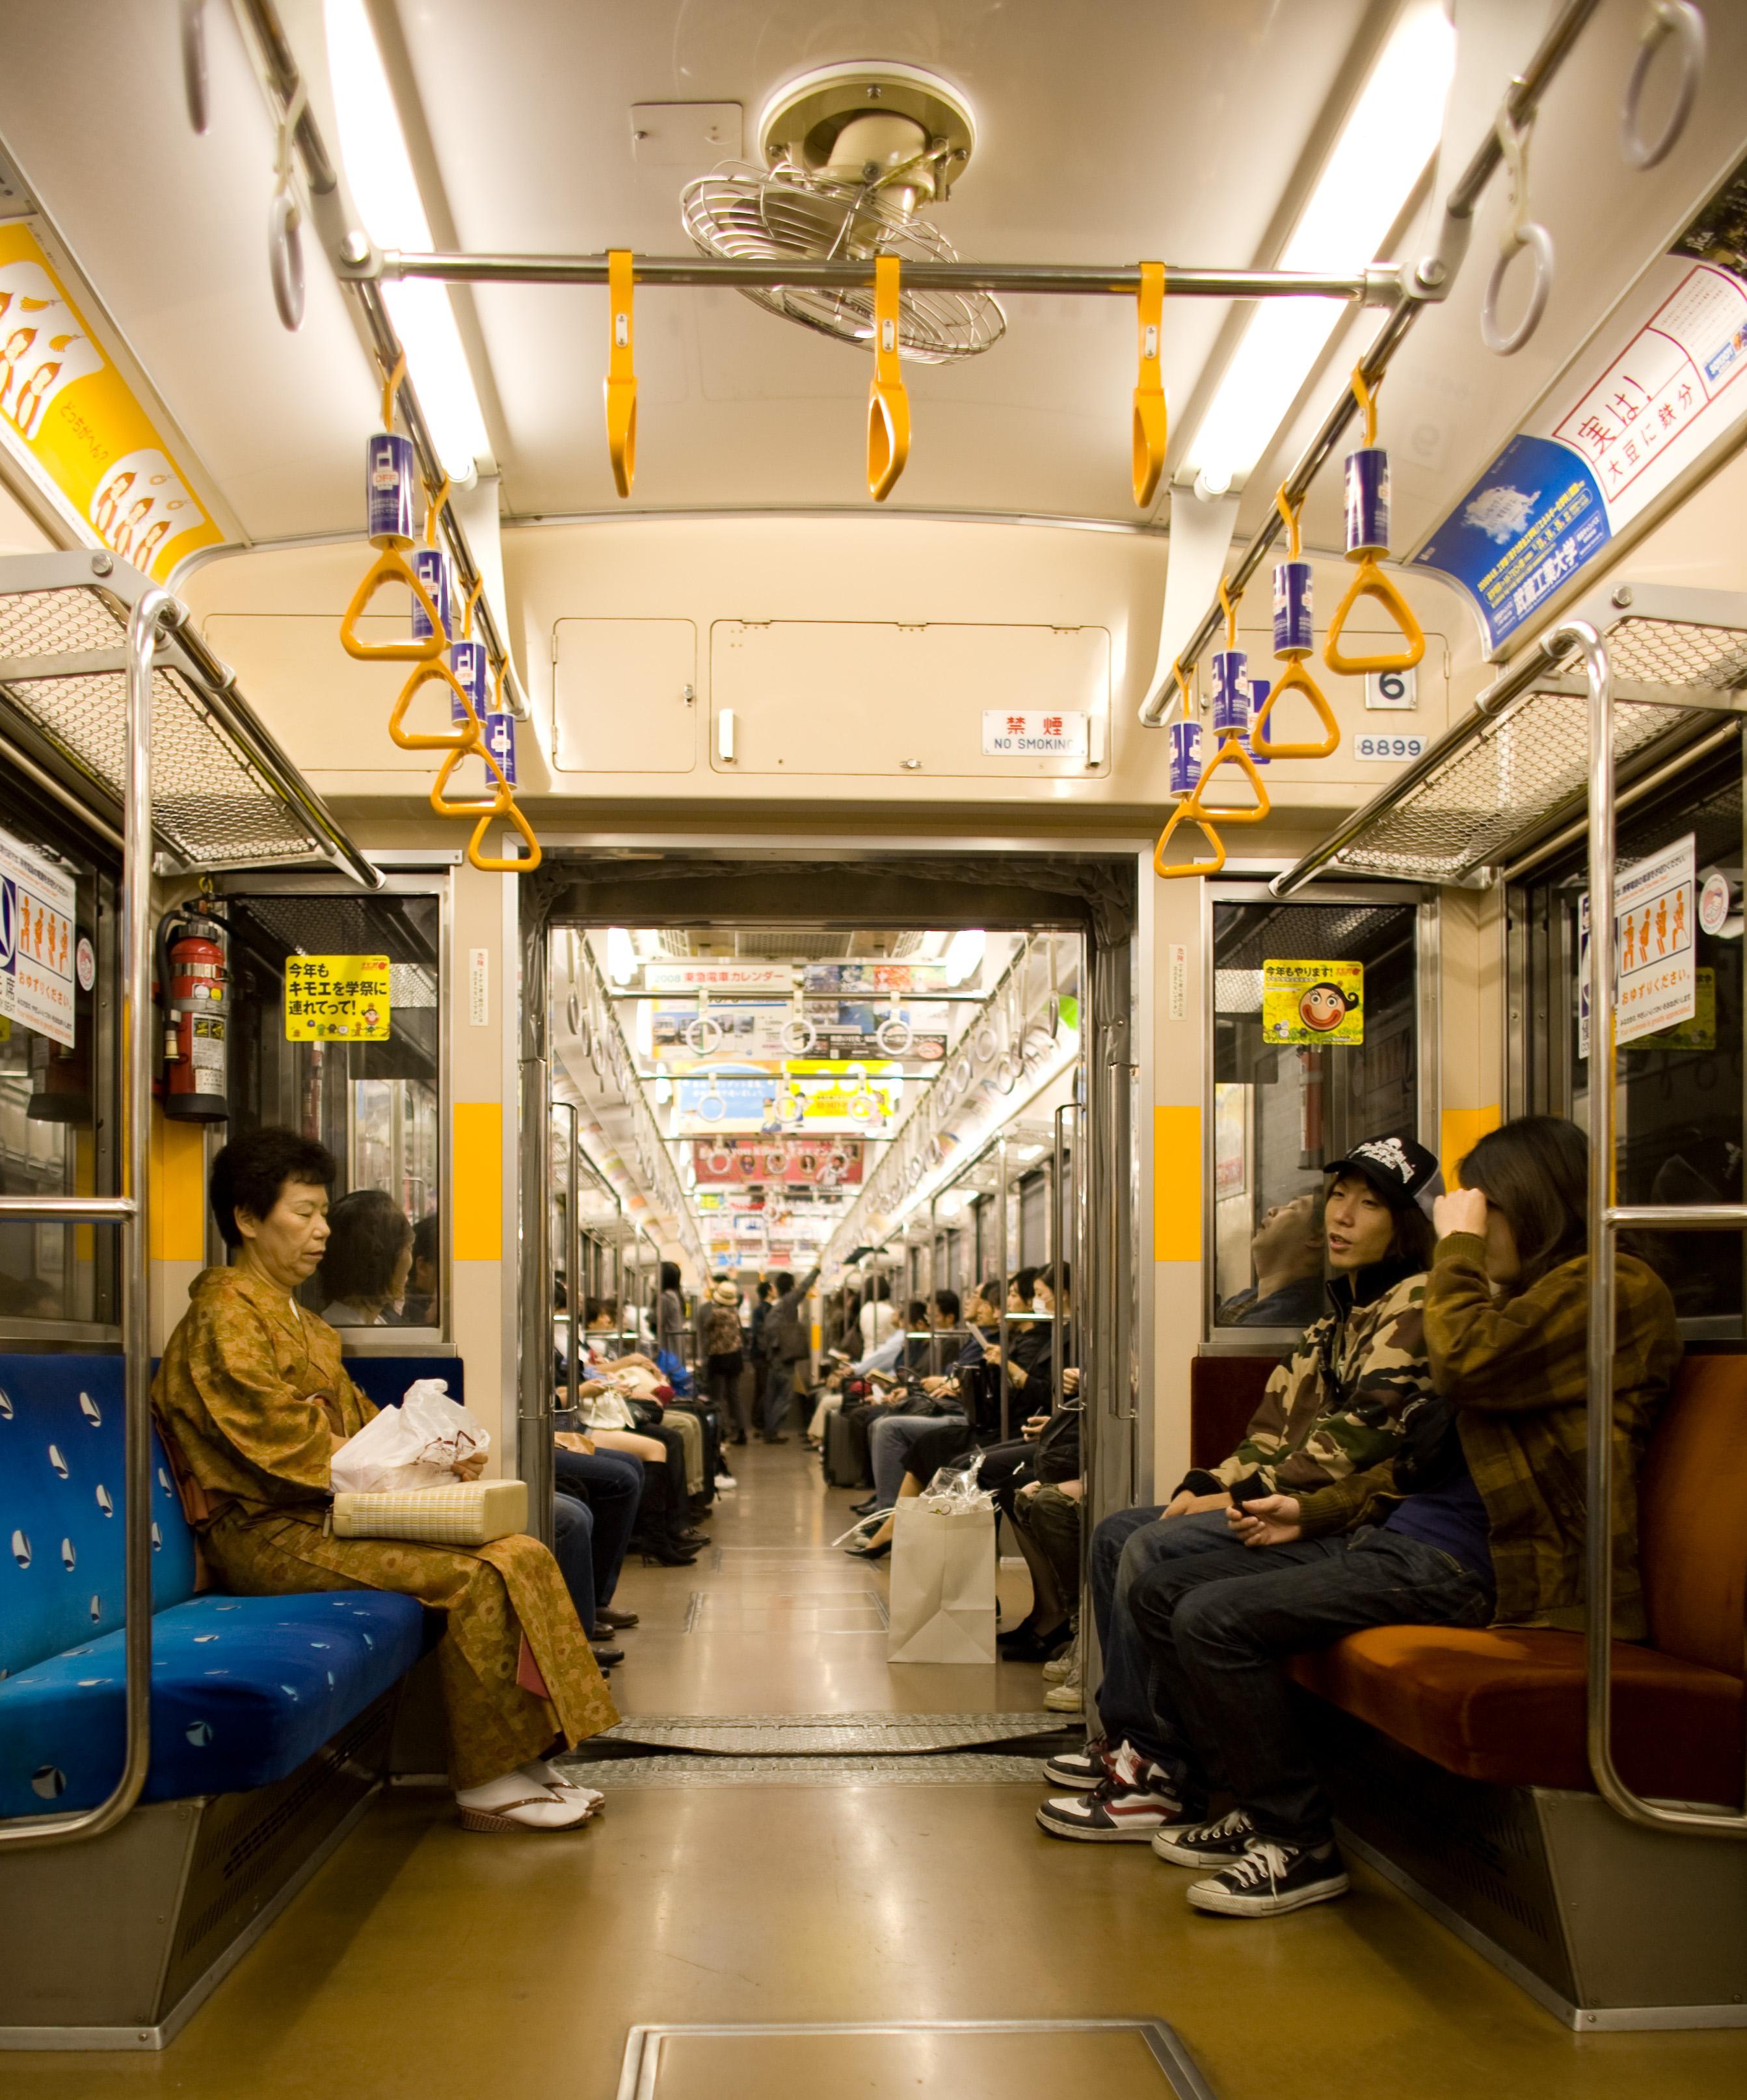 http://upload.wikimedia.org/wikipedia/commons/6/66/Tokyo_subway_interior.jpg